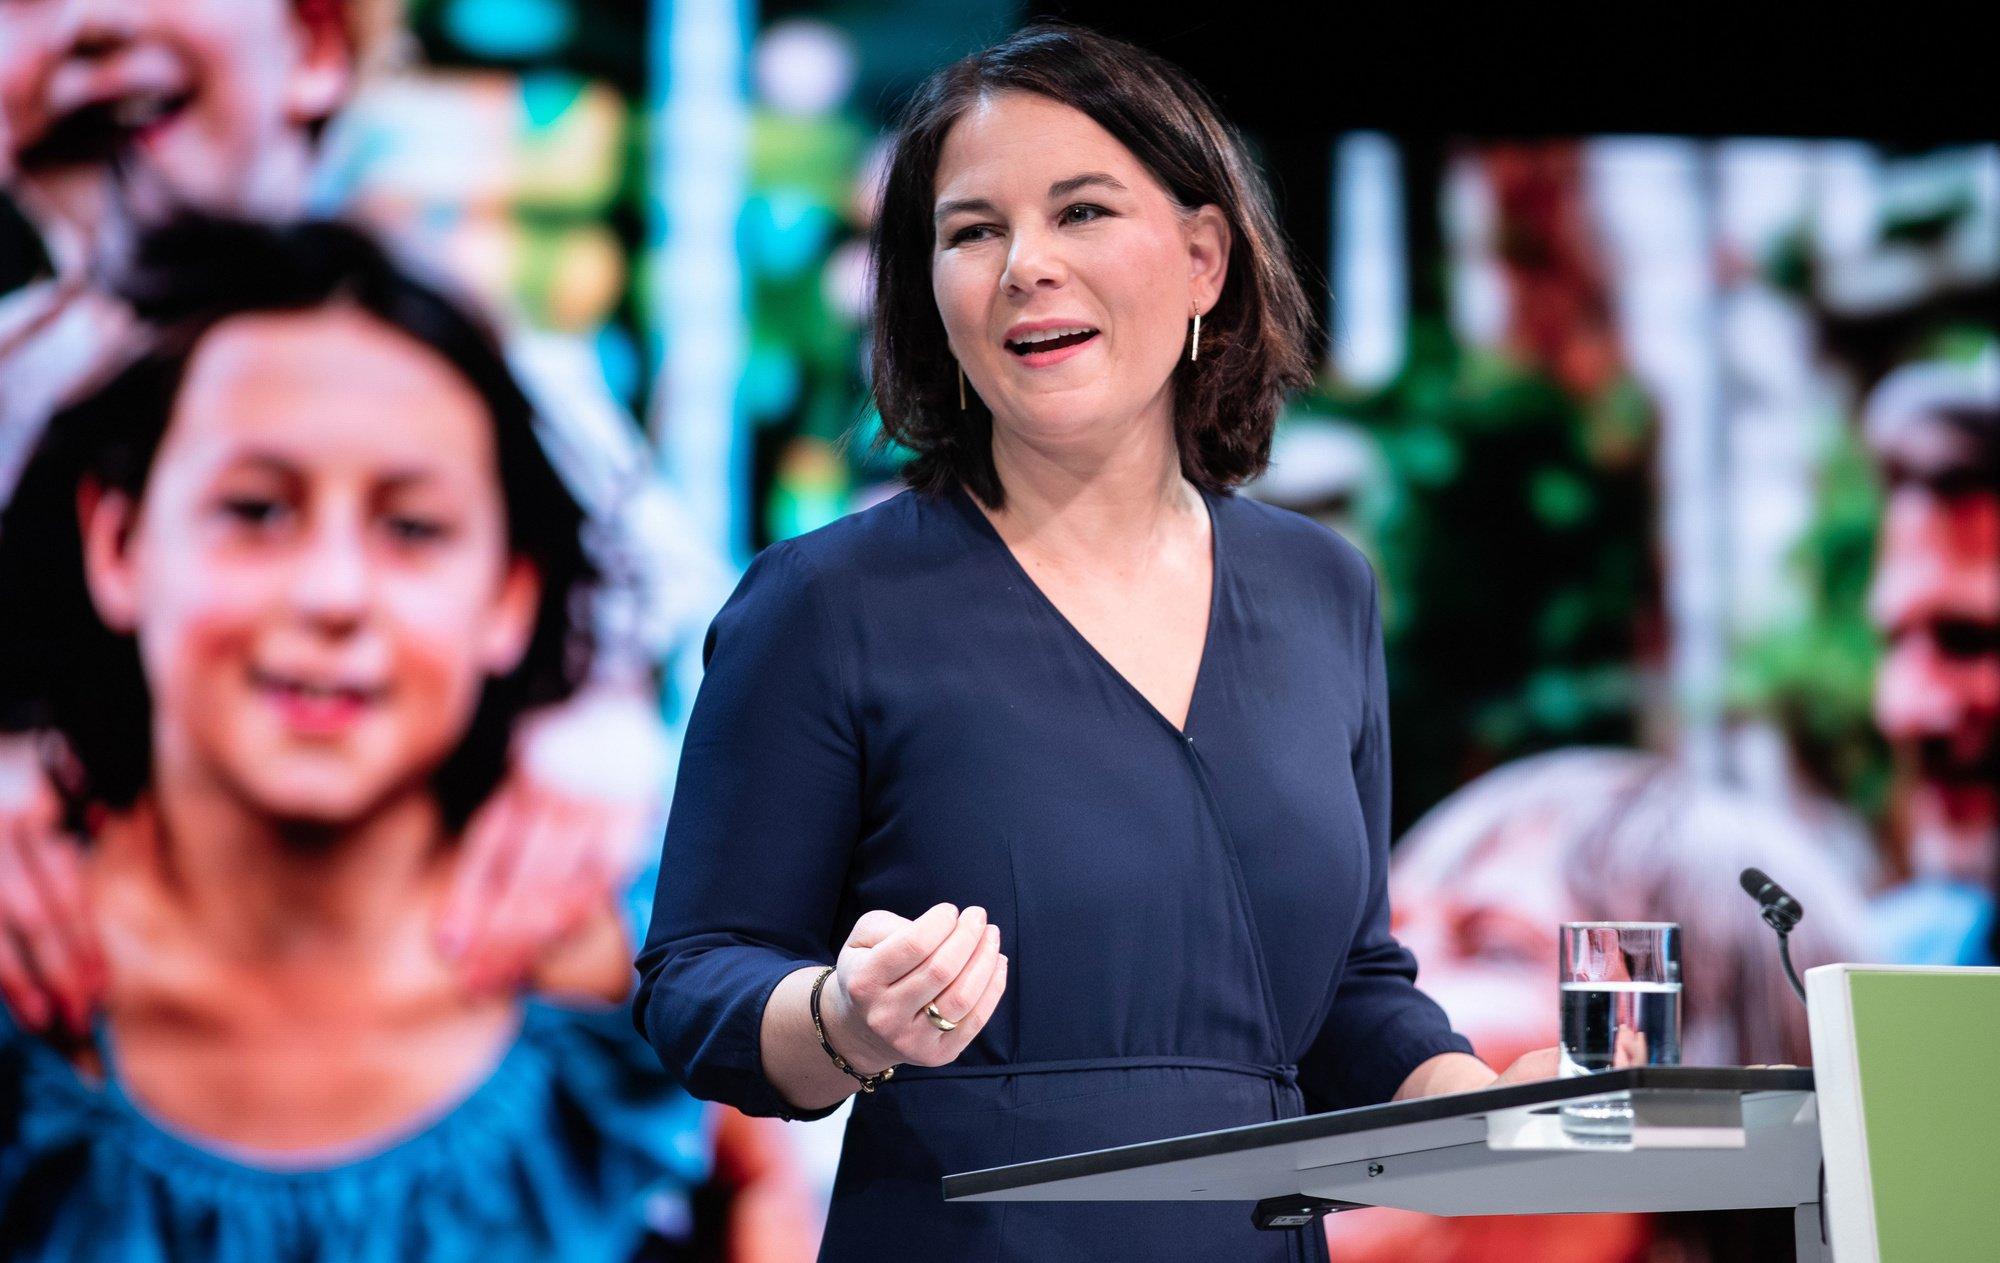 Annalena Baerbock op 19/04/2021, Getty Images/iStock